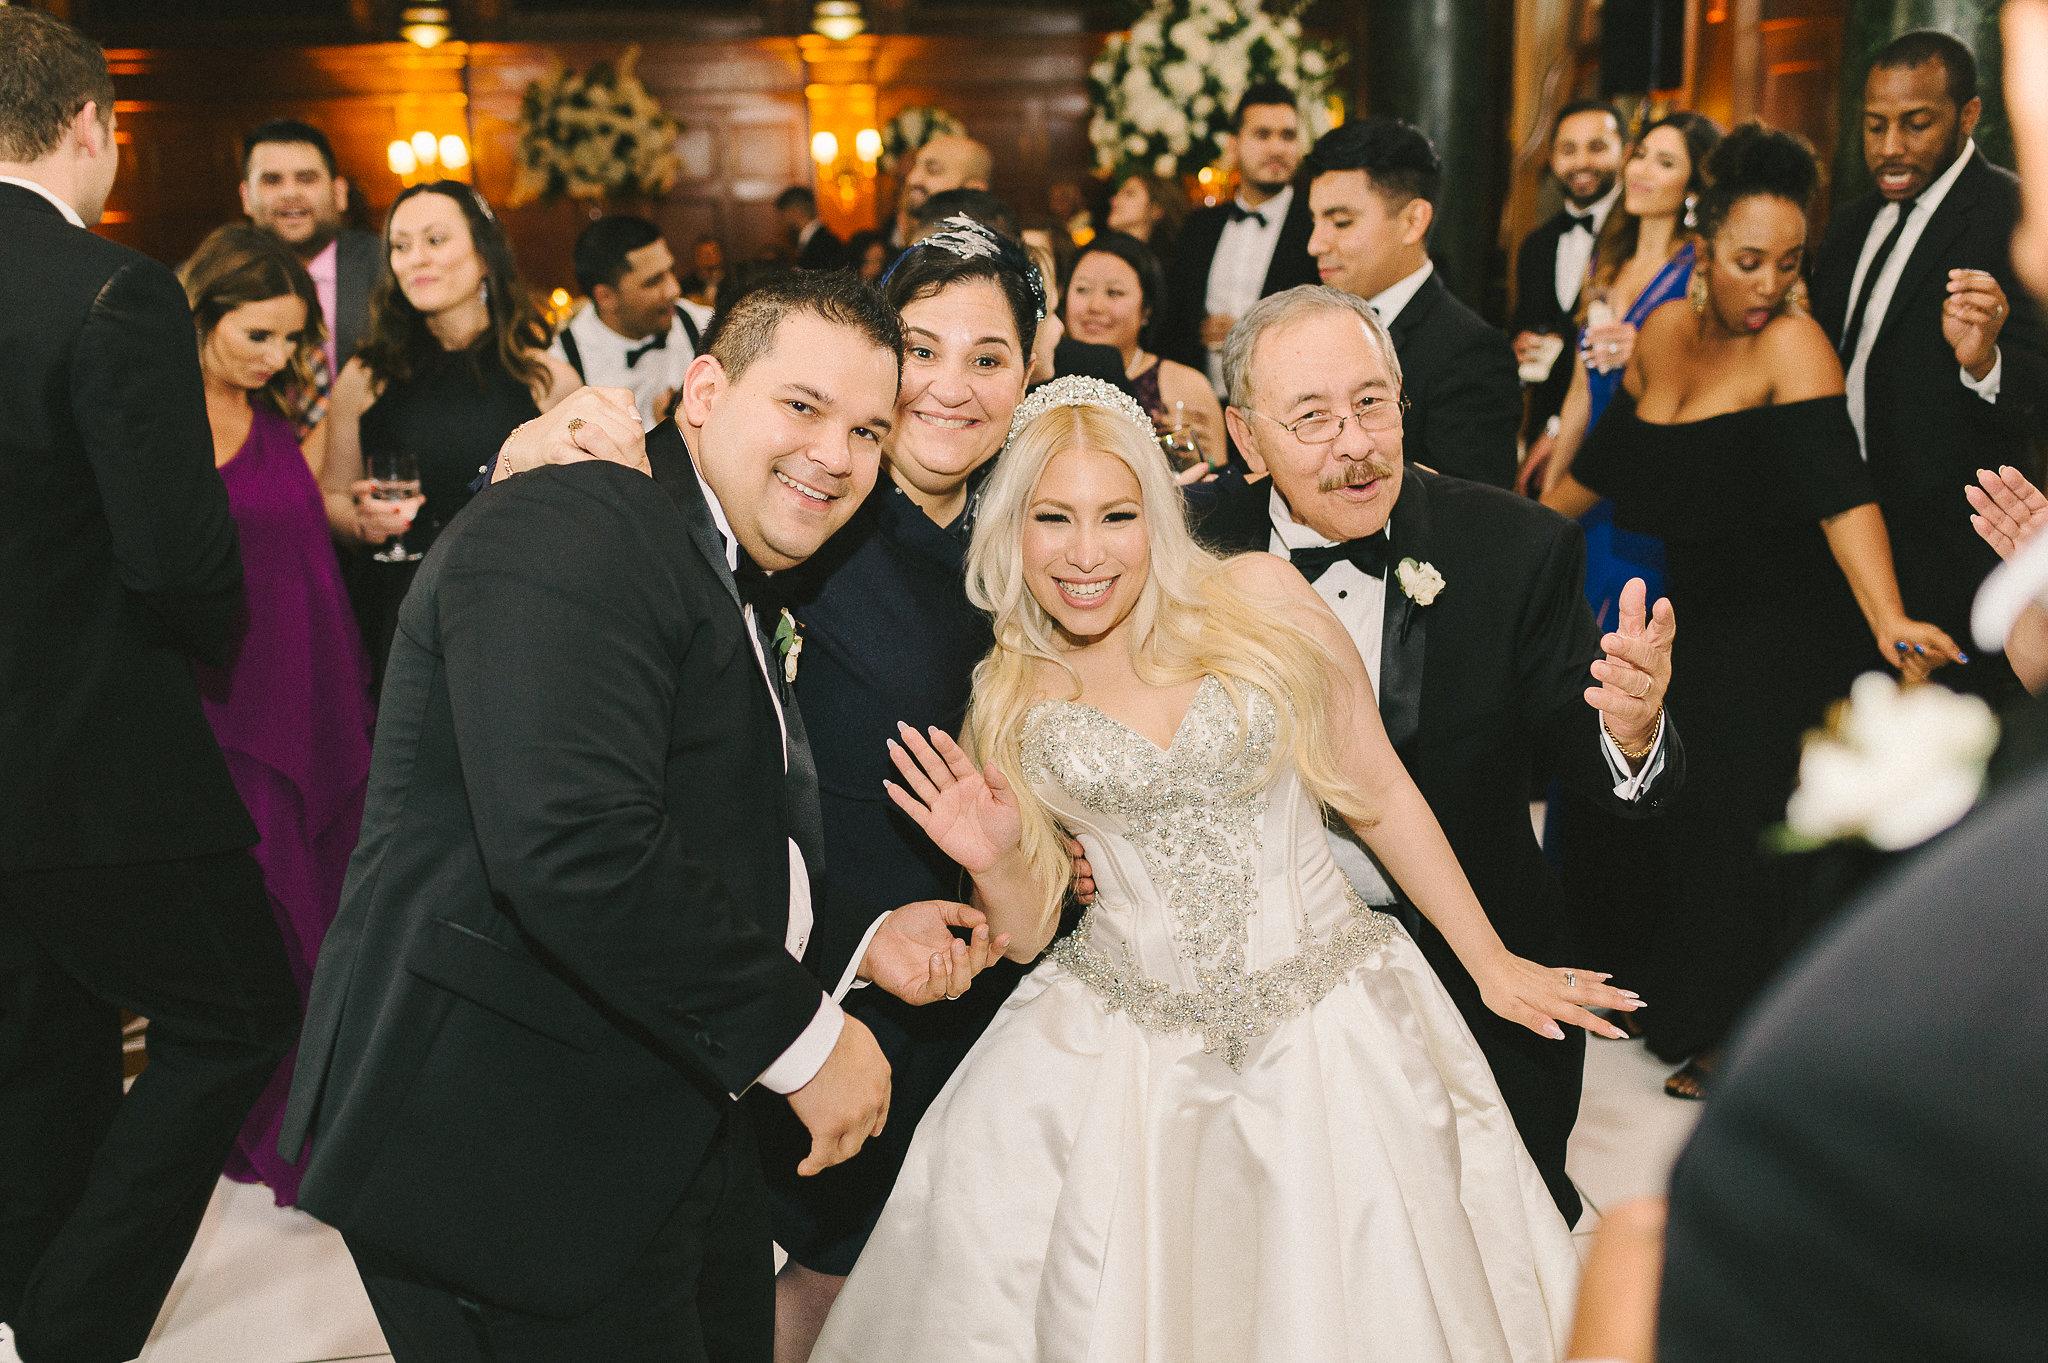 Elizabeth-Fogarty-Wedding-Photography-214.jpg